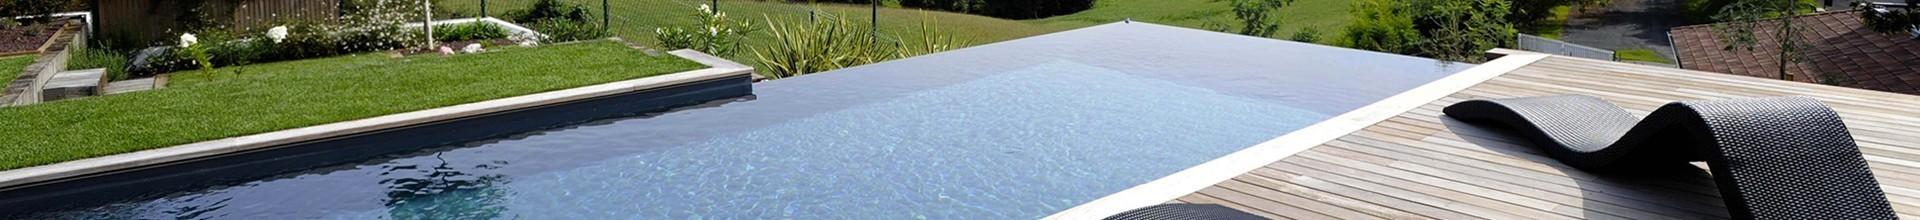 Direct usine, piscine coque prix Grand Est